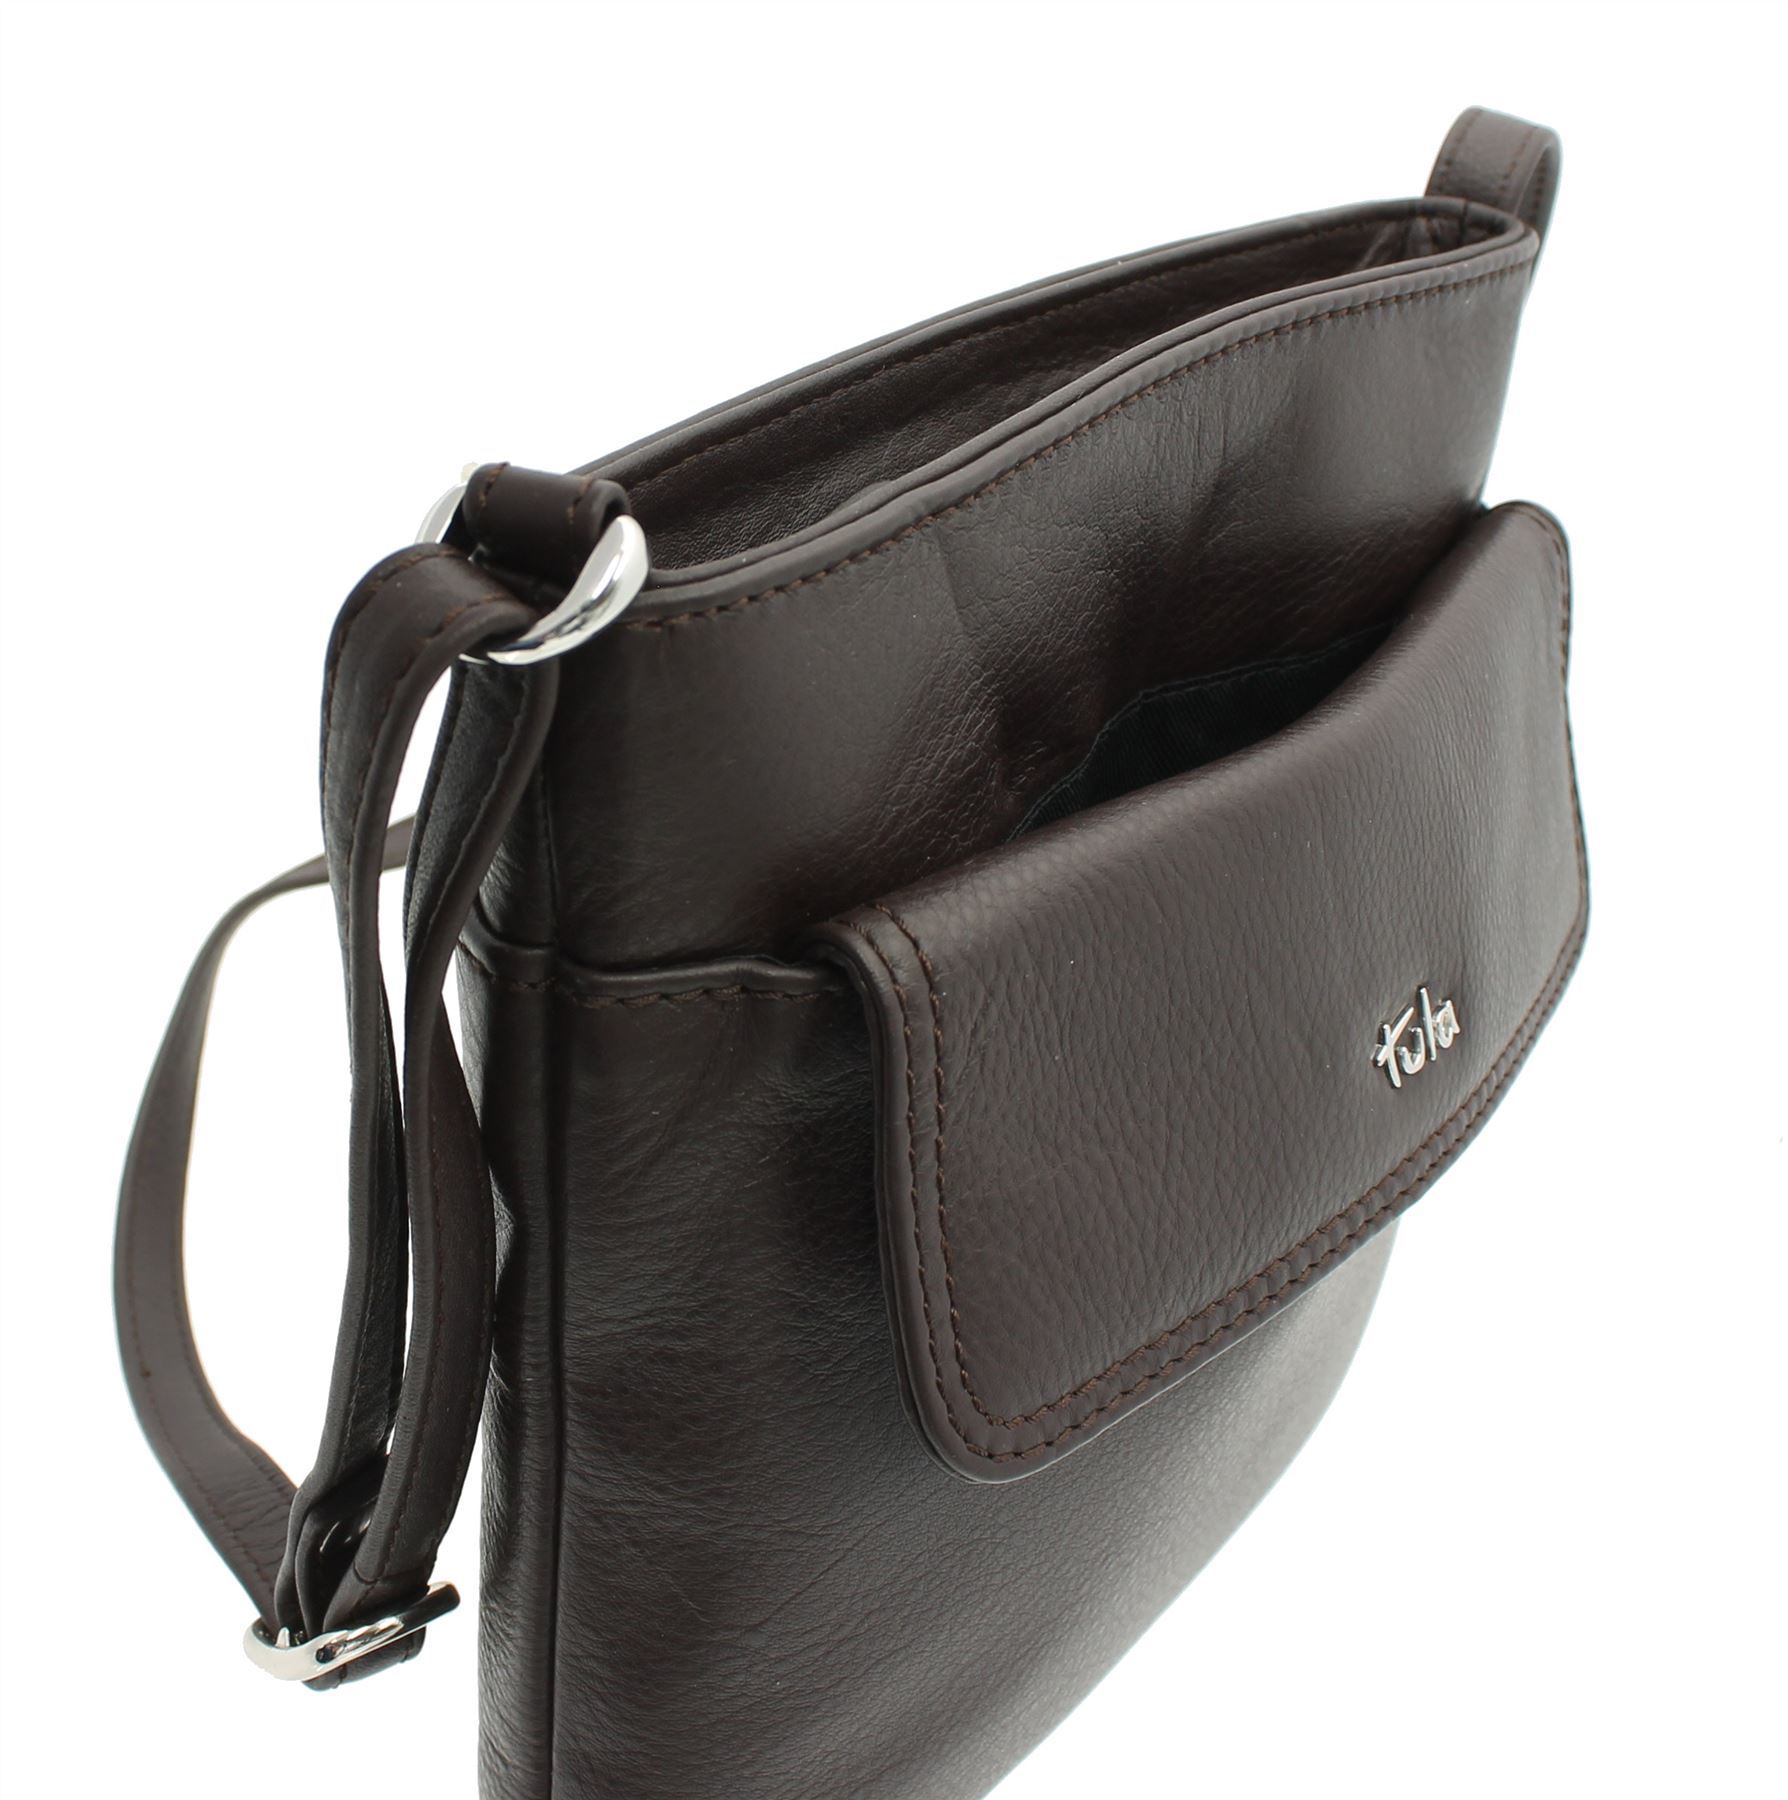 Tula Na Originals Classic Zip Top Leather Shoulder